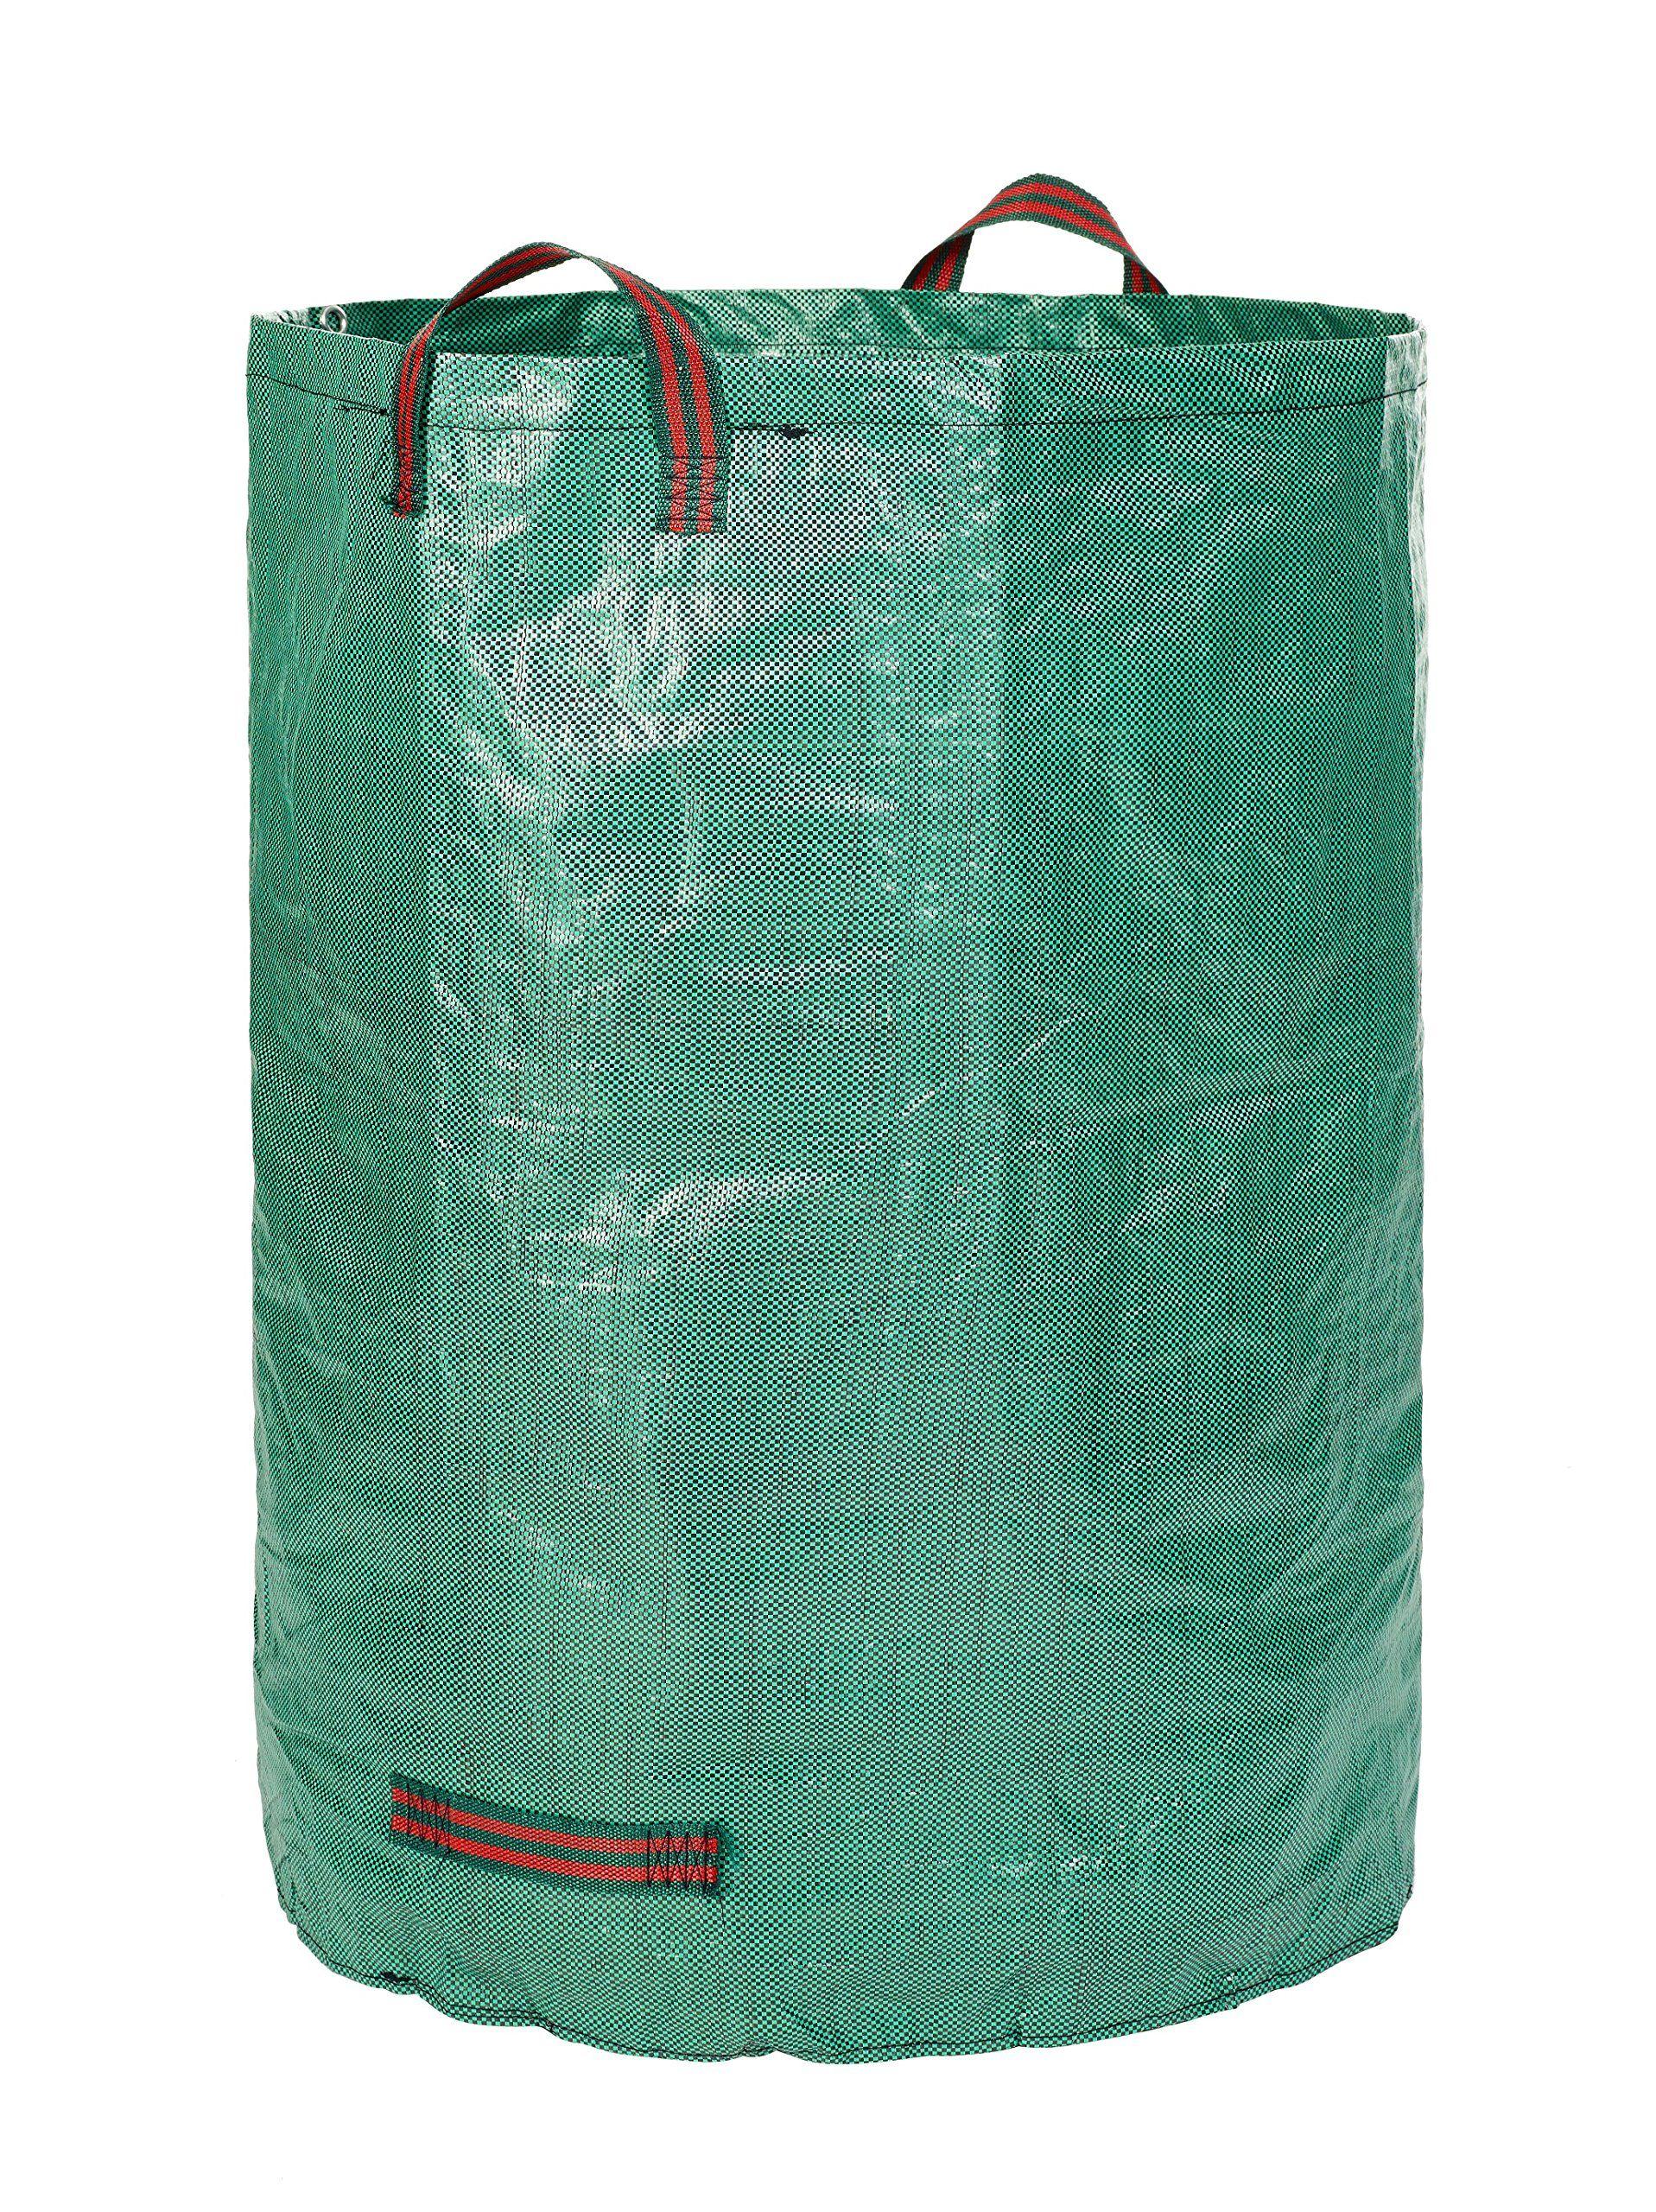 Glorytec 3pack 80 gallons garden bag extra large reusable